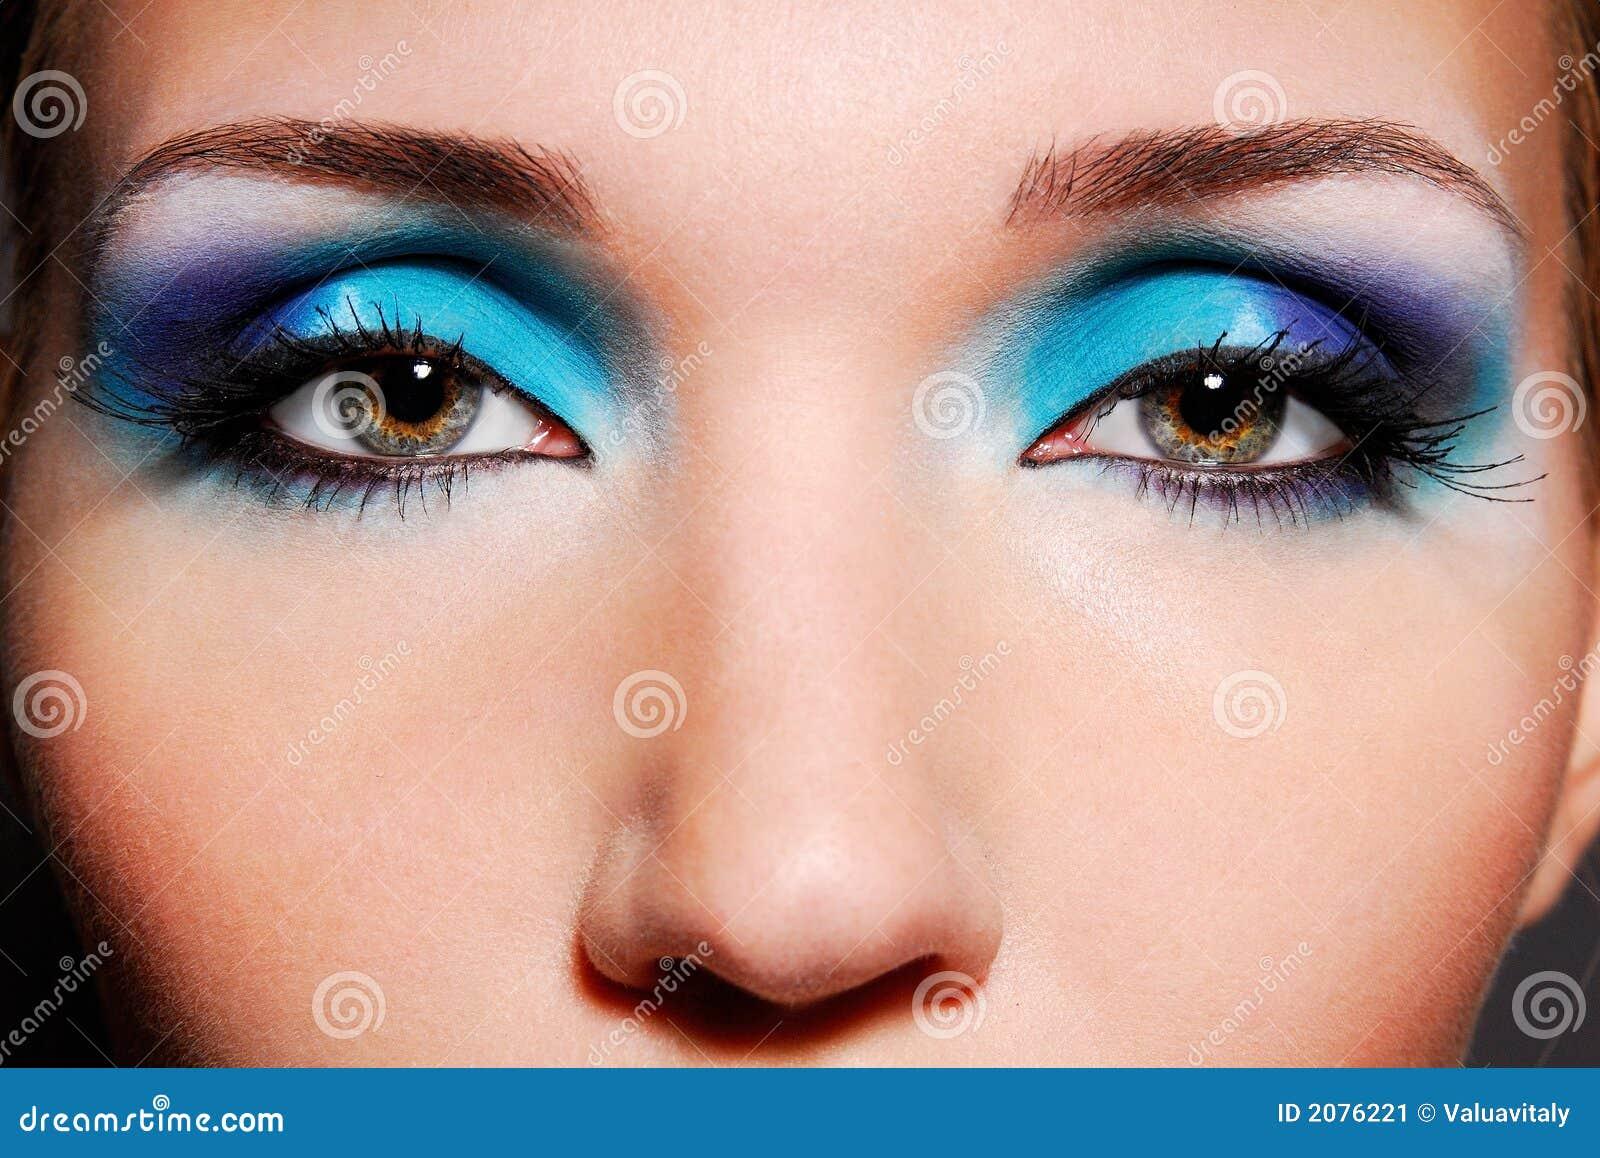 Макияж фото выразительными глазами